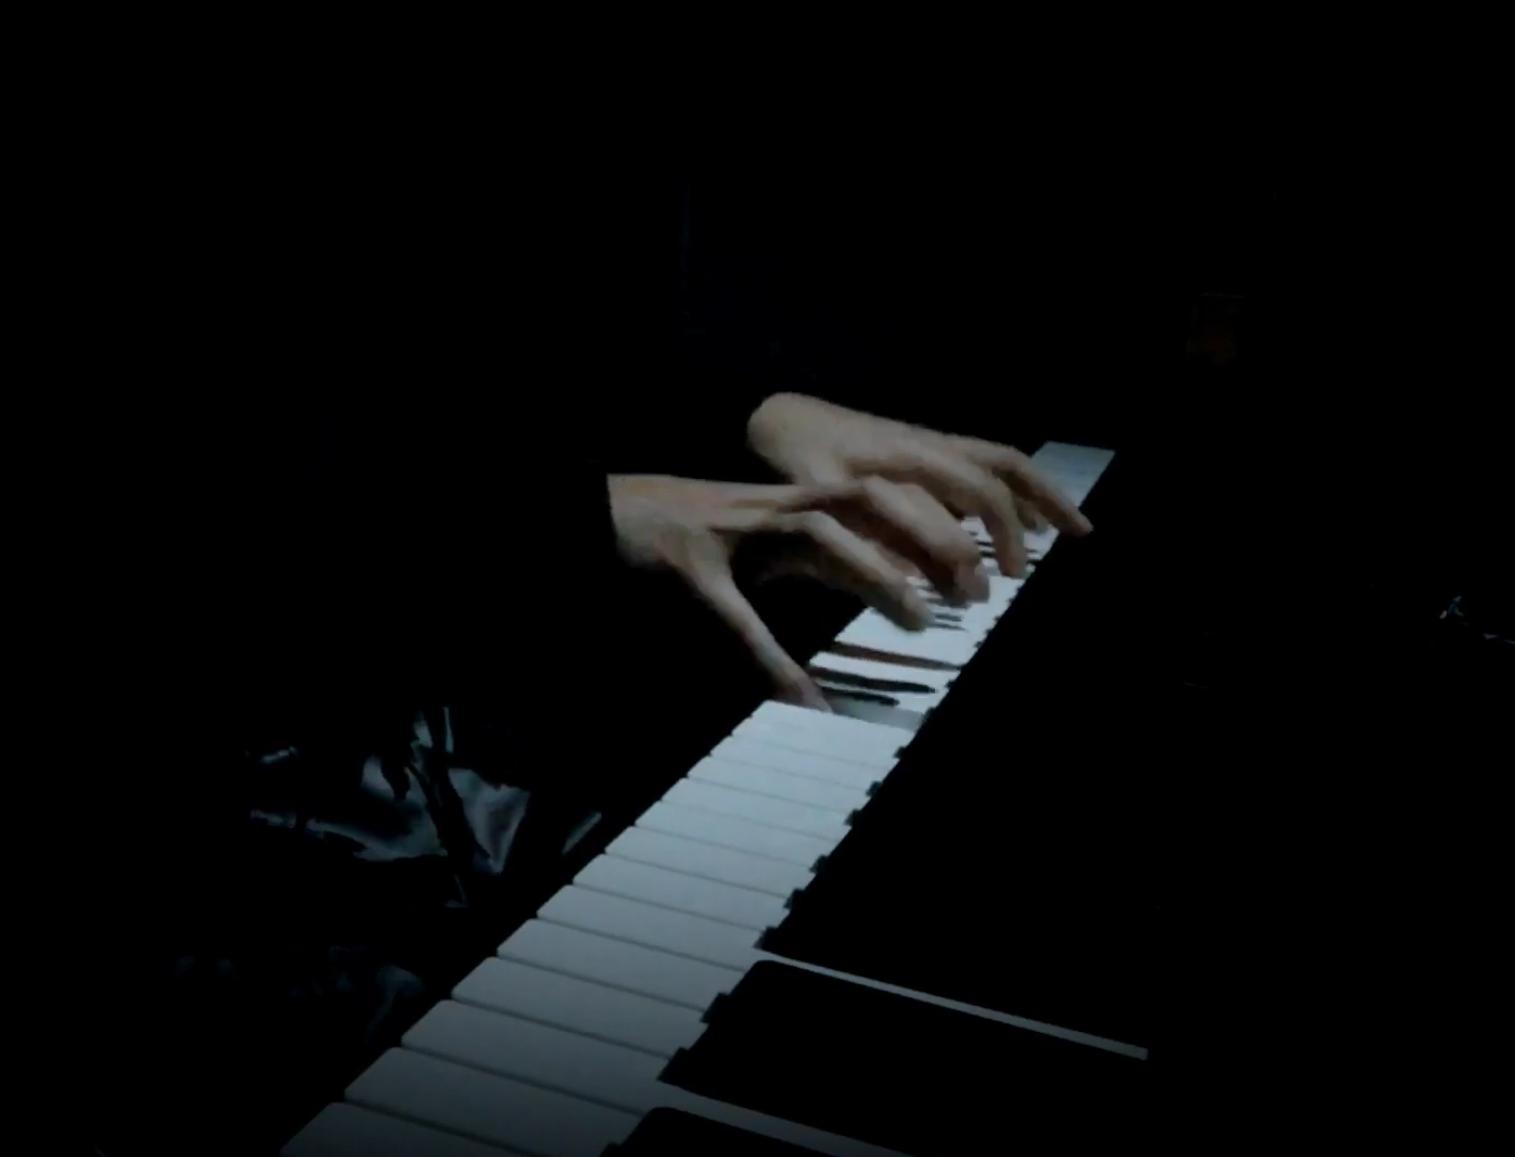 JJ 醉赤壁 钢琴 何小乐 Remix